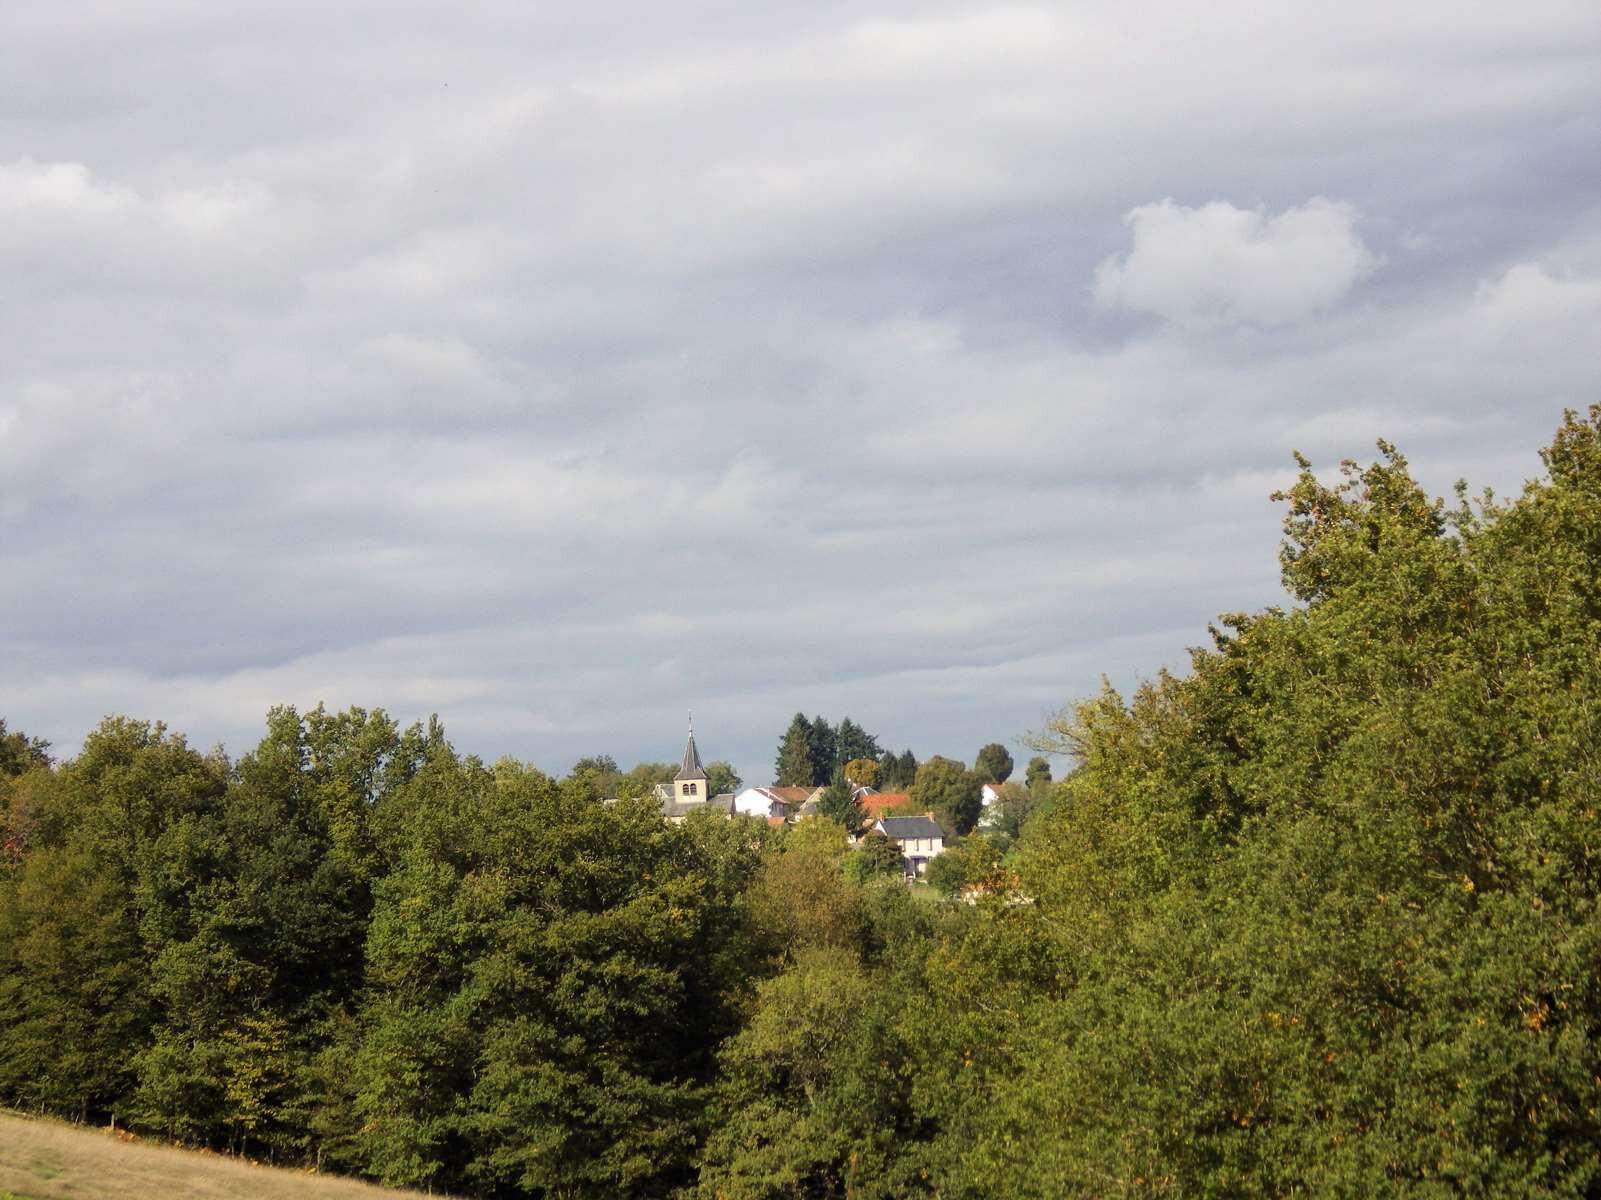 Randonnée du mardi 10 octobre après-midi - Molles